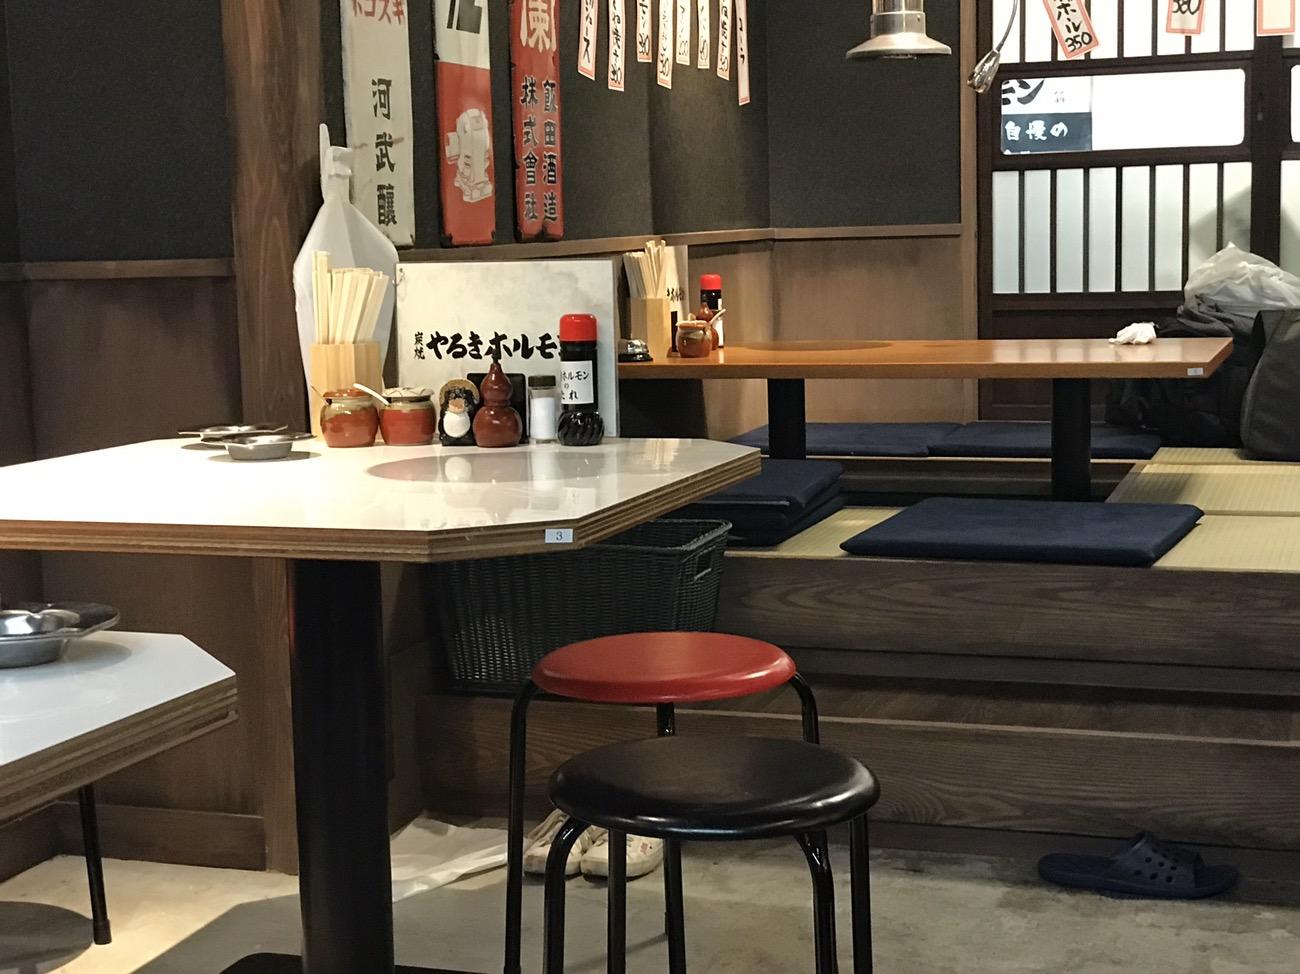 新宿肉横丁 王様のブランチでも紹介された新宿名店横丁のやるきホルモン